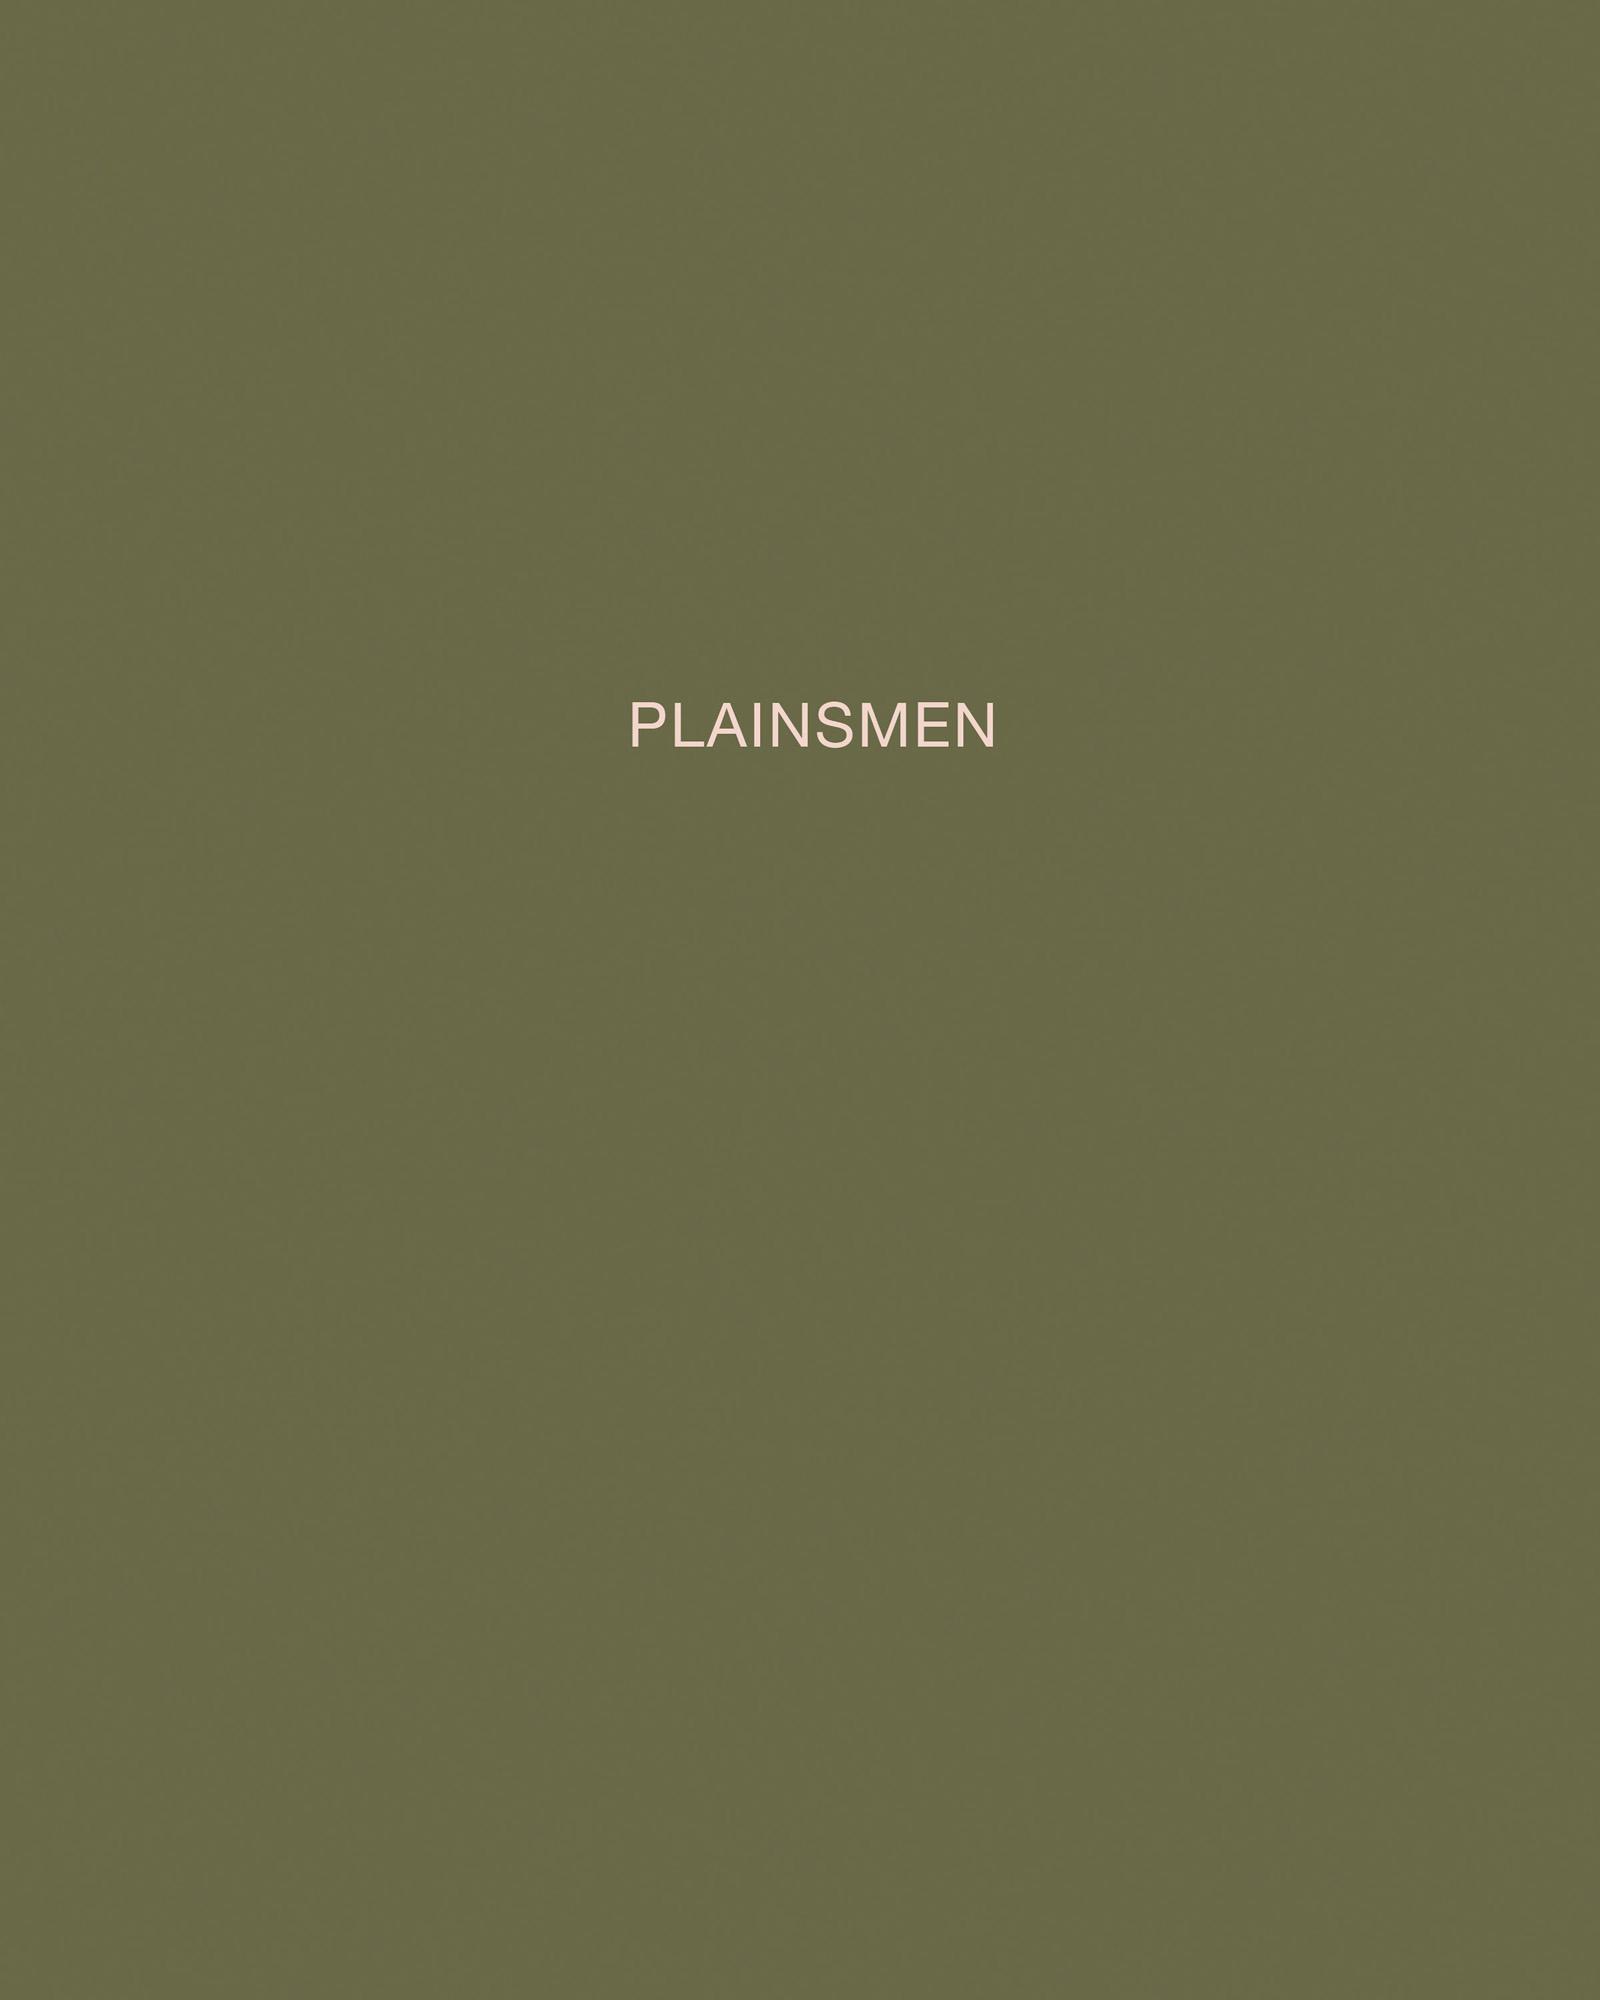 PLAINSMEN_ElliotRoss.jpg